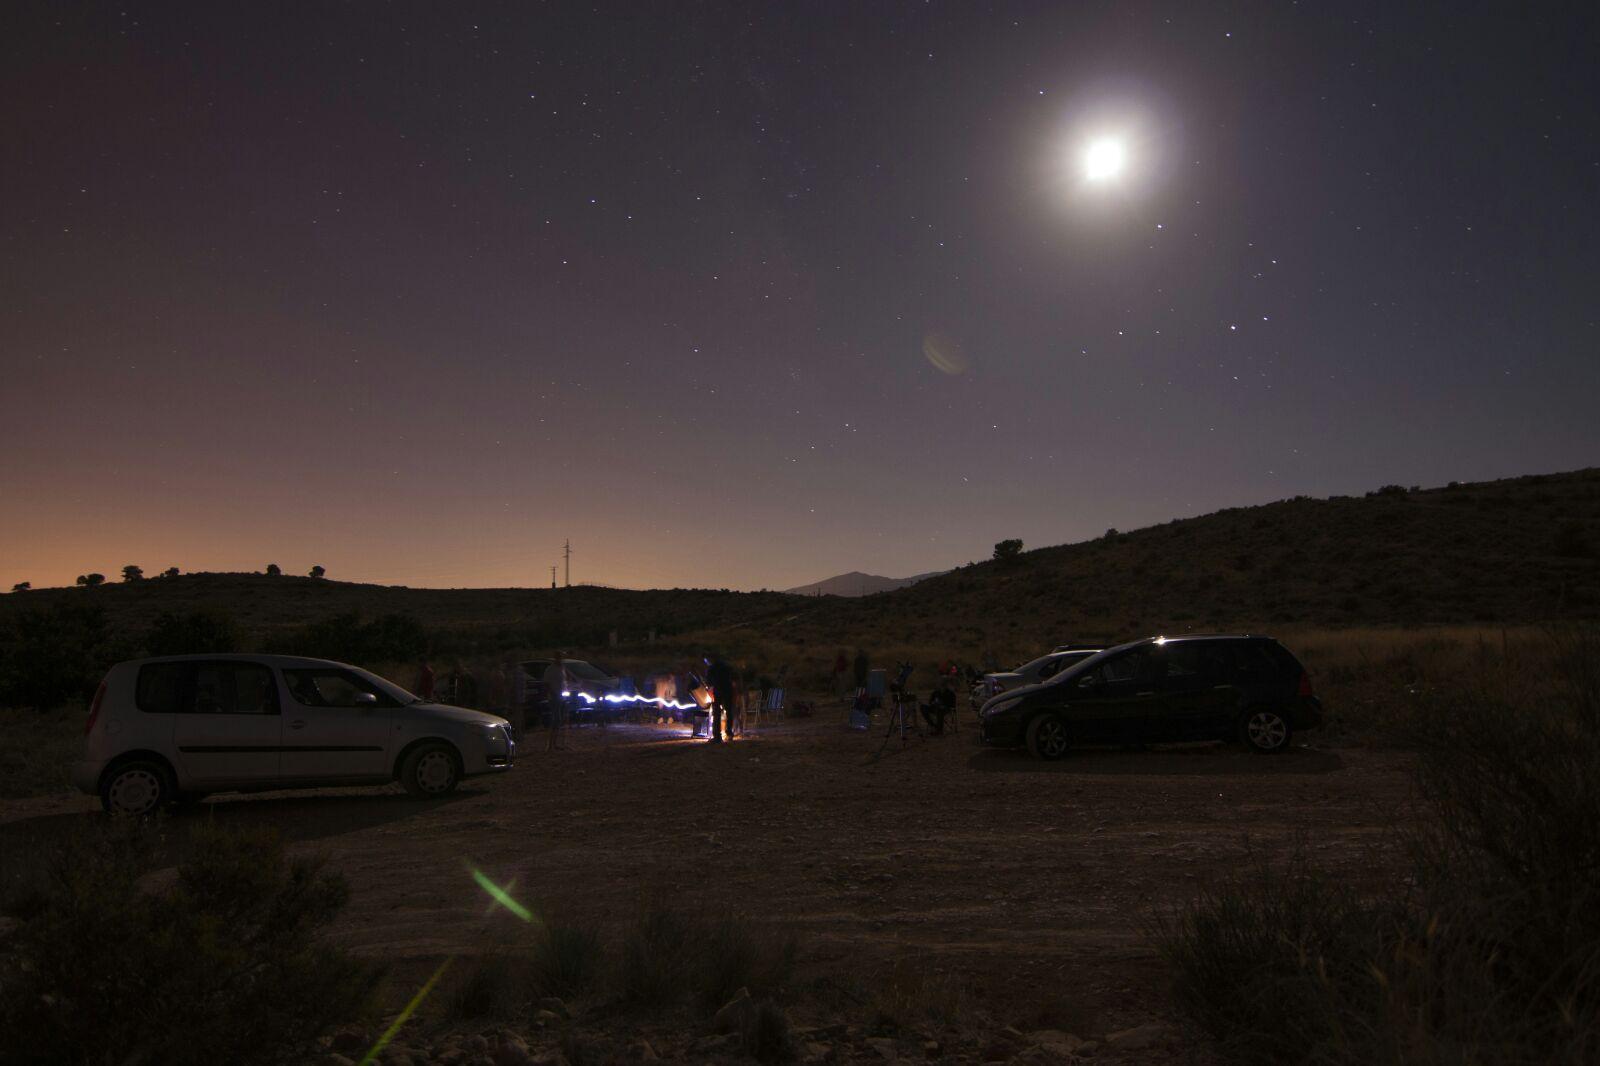 Los Amigos de la Astronomía reúnen a más de 100 personas para observar las Perseidas.